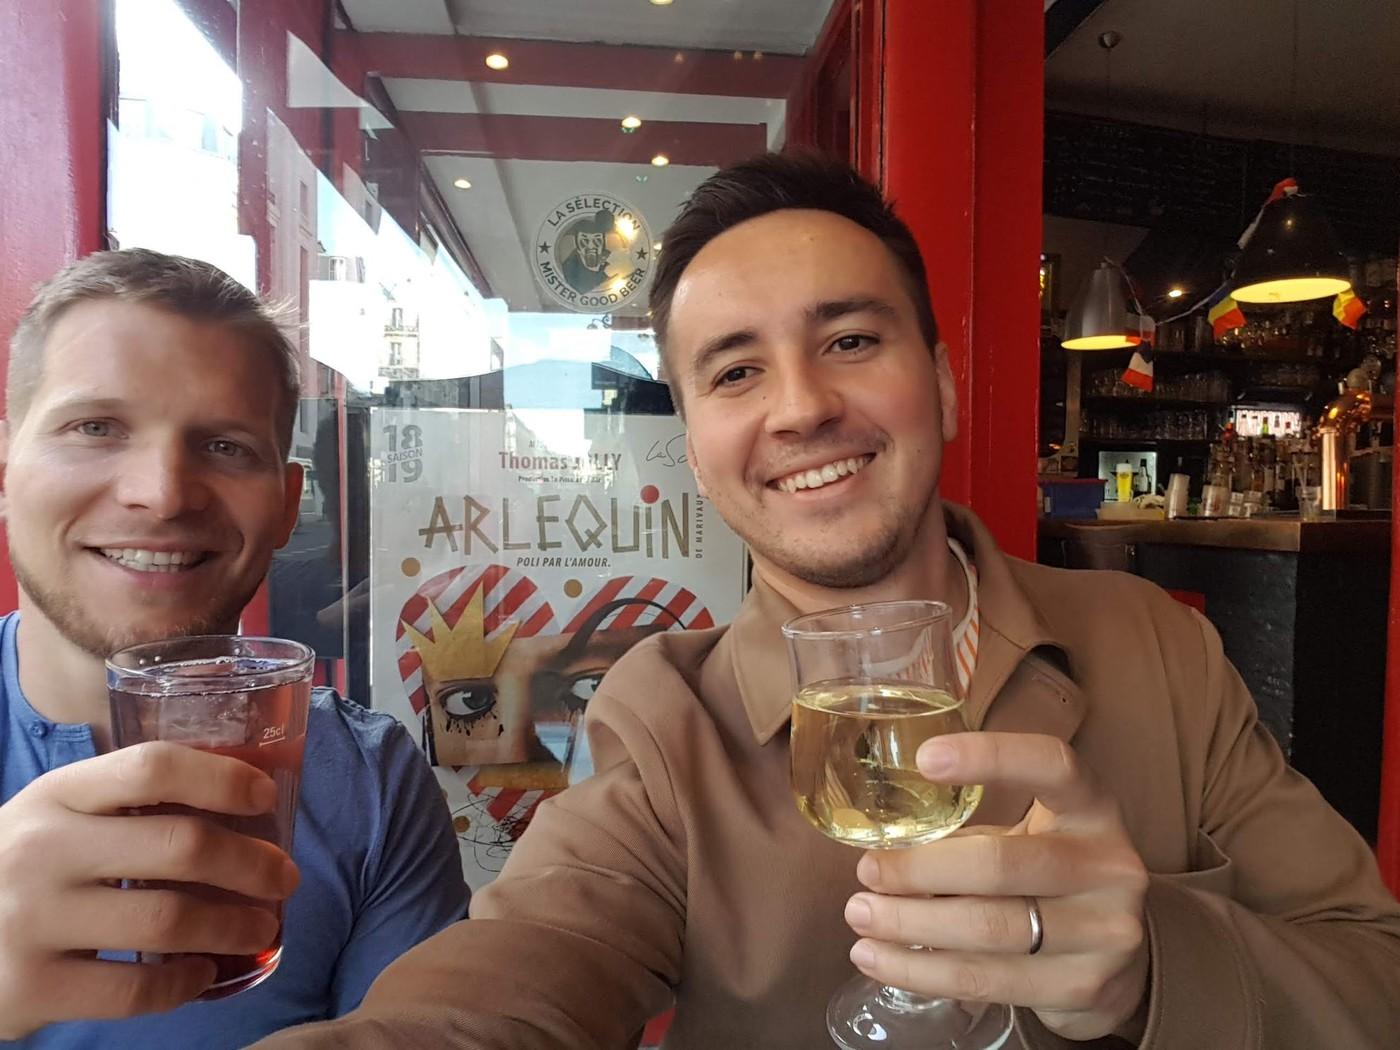 Отличные выходные: блошиный рынок, steak tartar,  музей Моне, встреча с Сильвейном, еще одним Арлекином из Ханчжоу, домашняя вечеринка в честь дня рождения его подруги, где все вели себя как французы